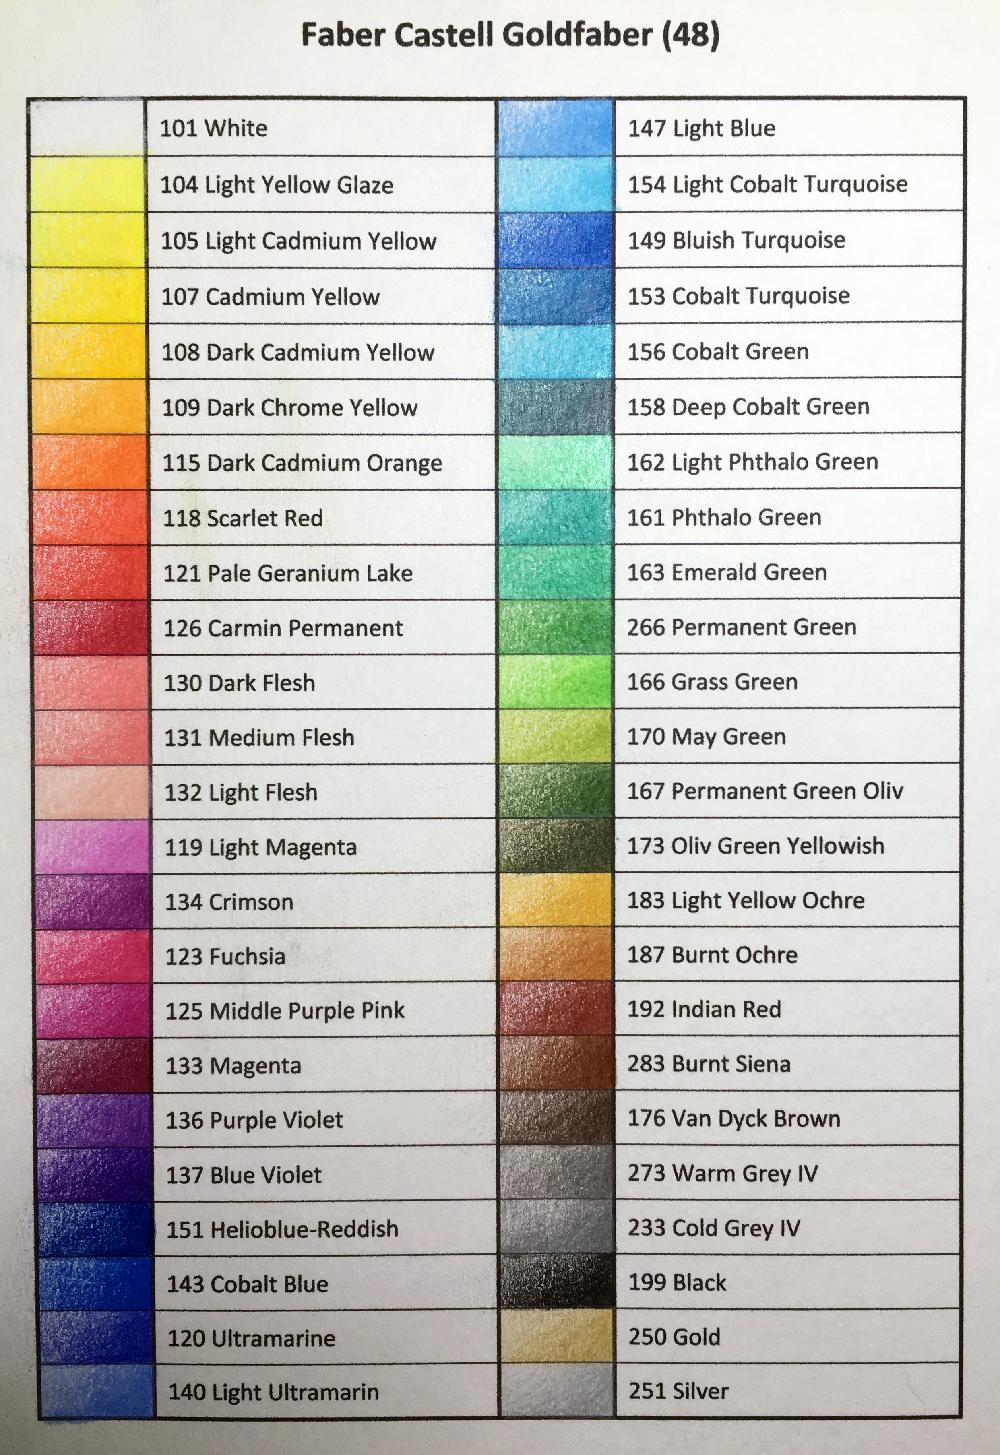 Faber Castell Goldfaber Faber Castell Faber Color Chart